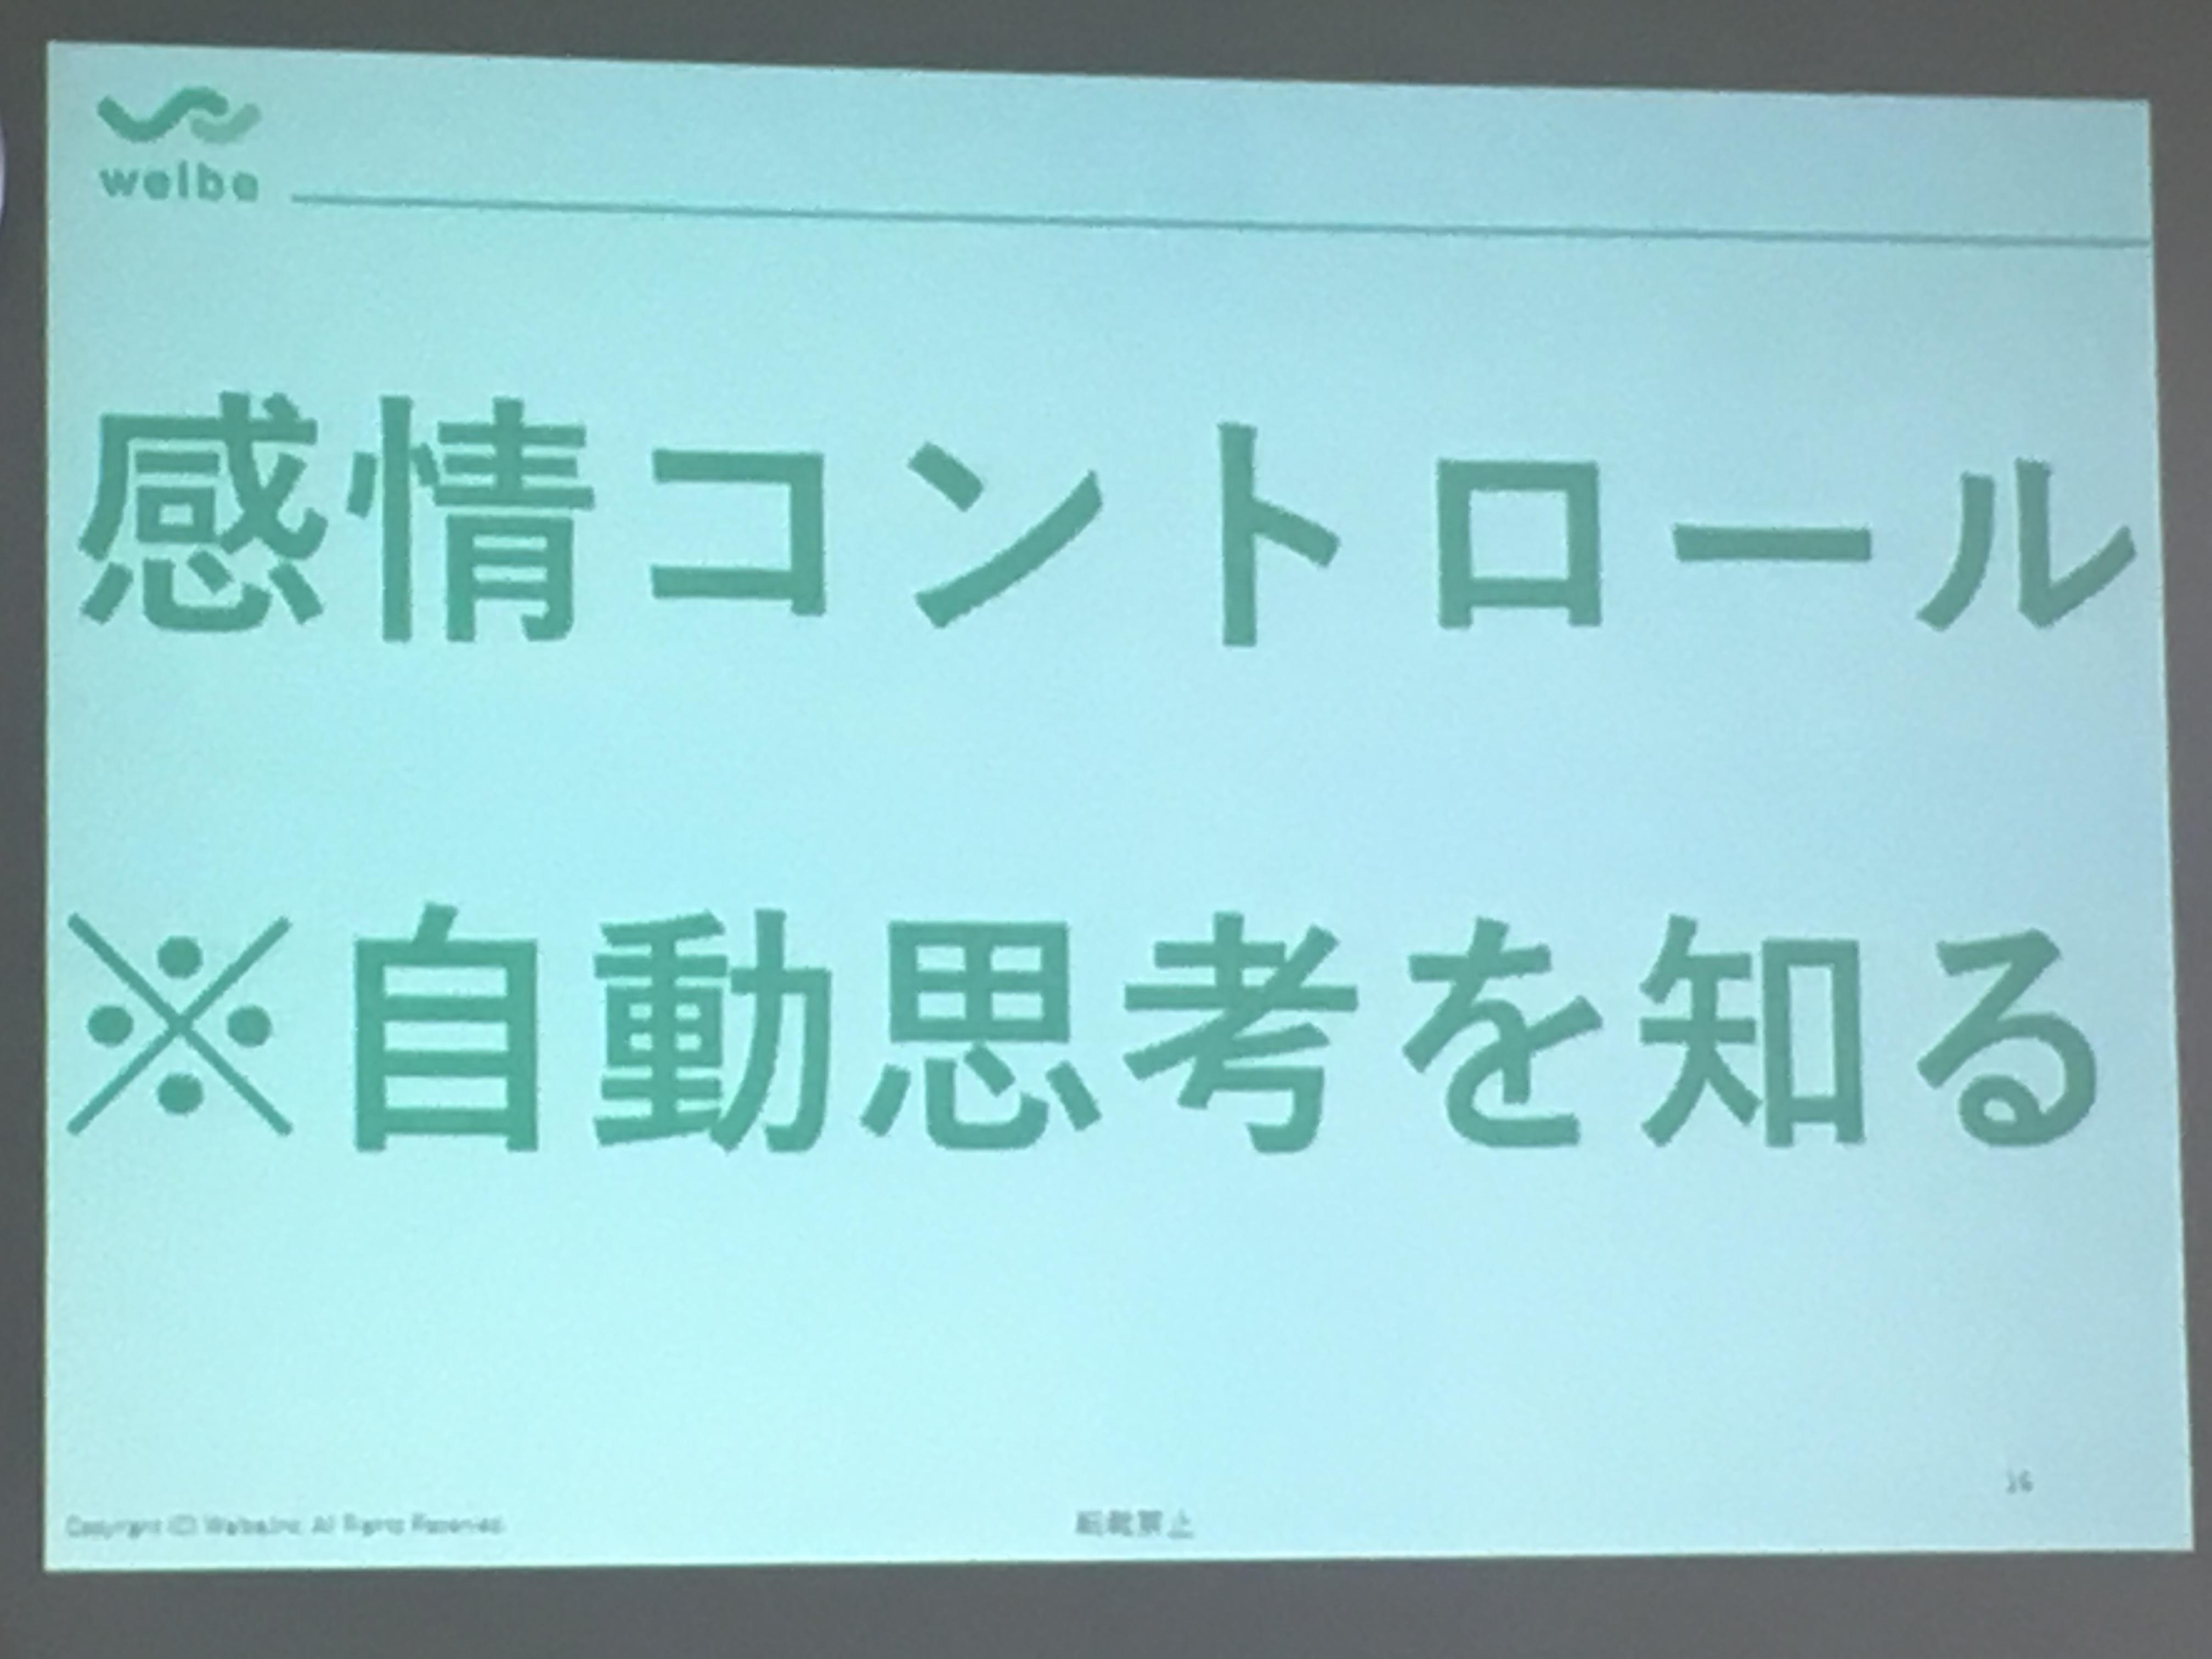 【渋谷】心理学講座の様子2